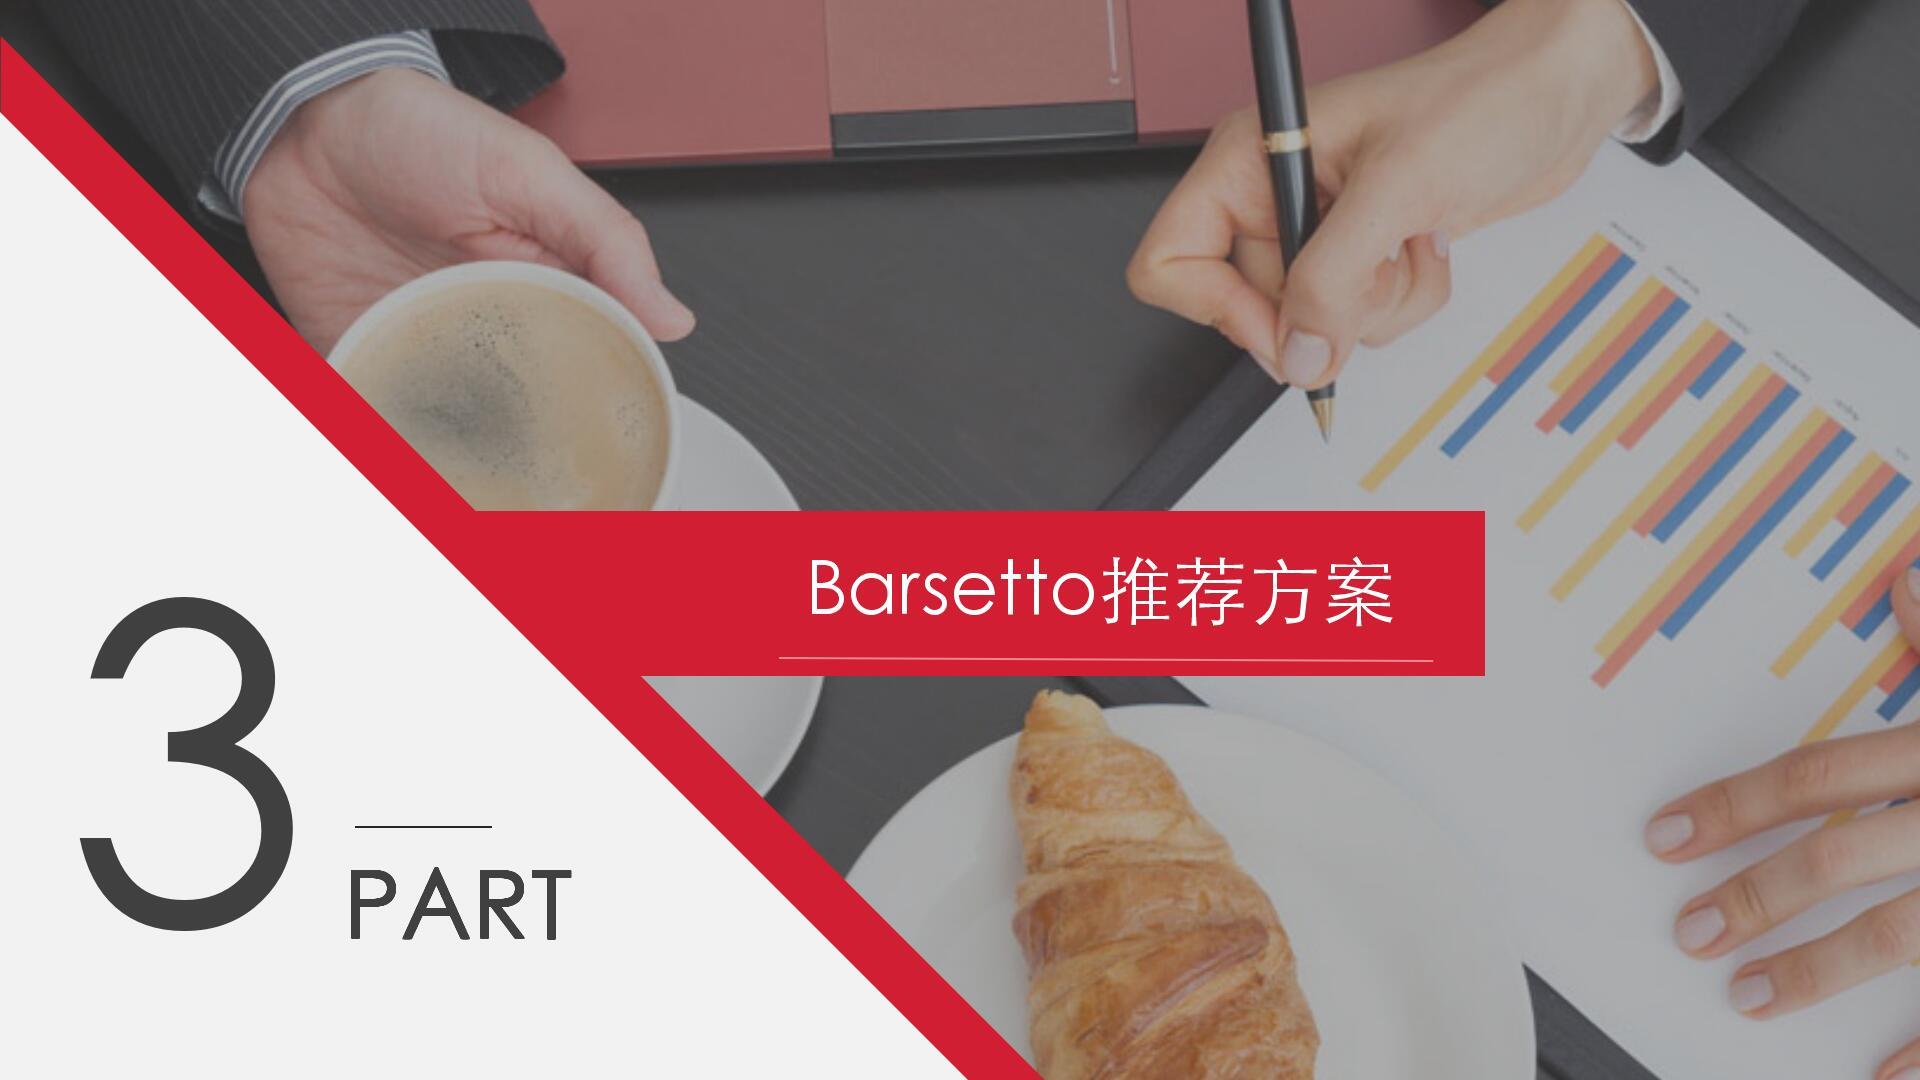 Barsetto 咖啡机方案 (15)